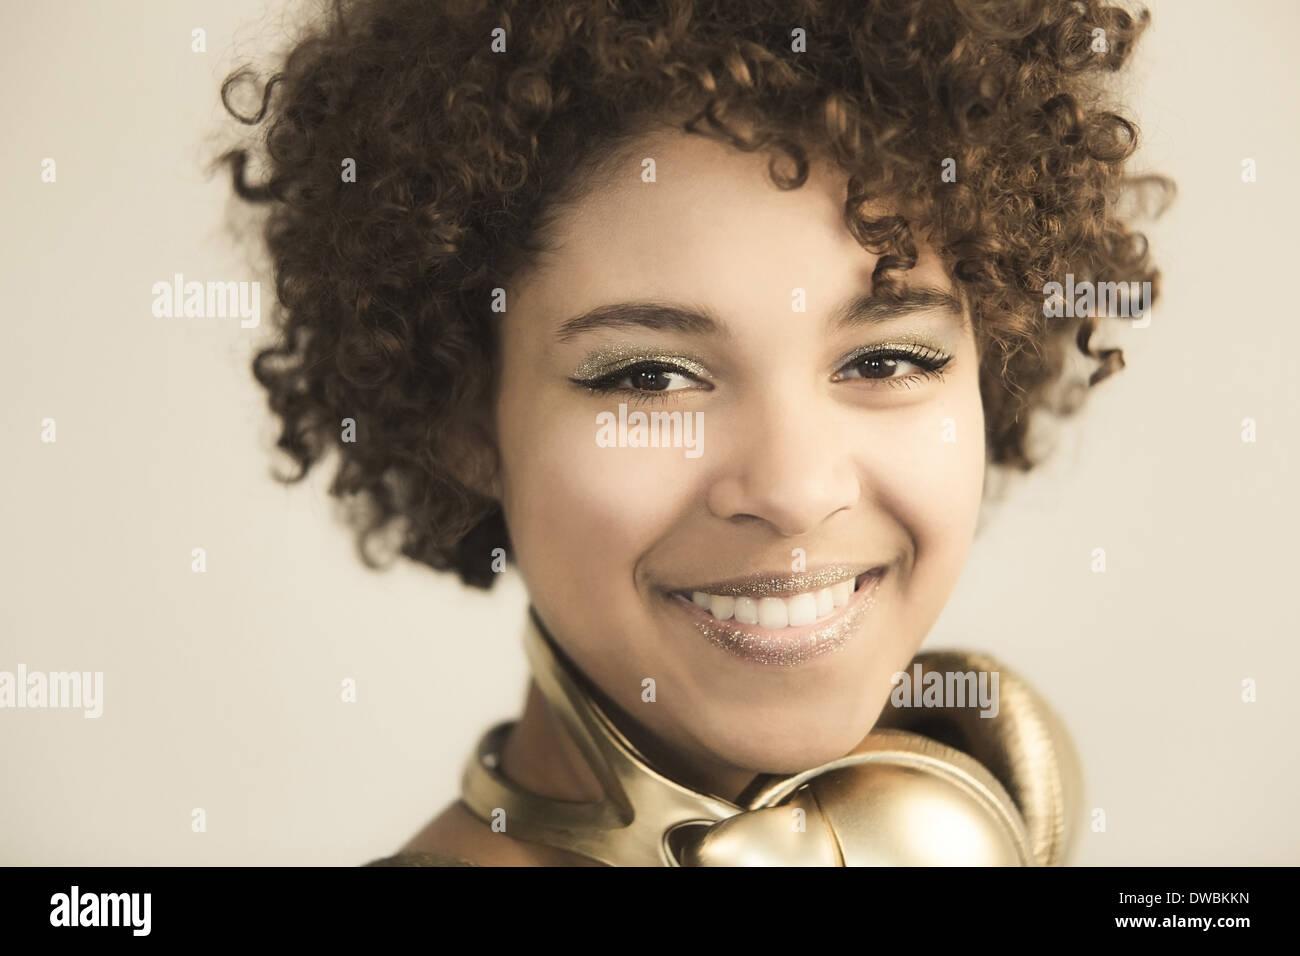 Porträt von weiblichen Afro-Amerikaner mit Kopfhörer Stockbild